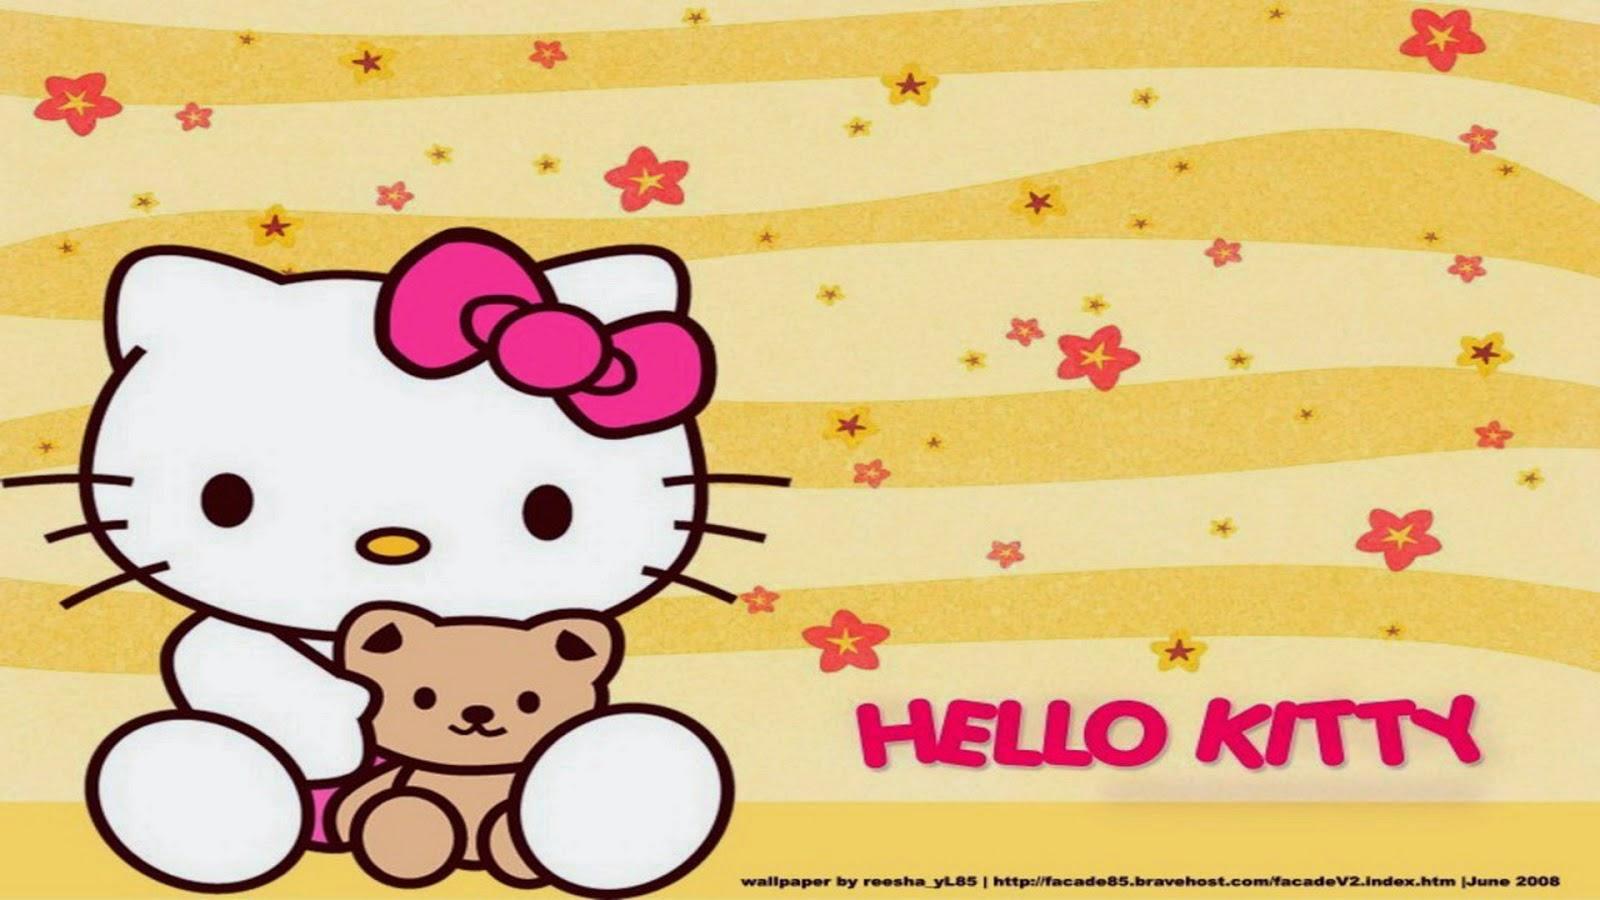 hình nền hello kitty đẹp nhất